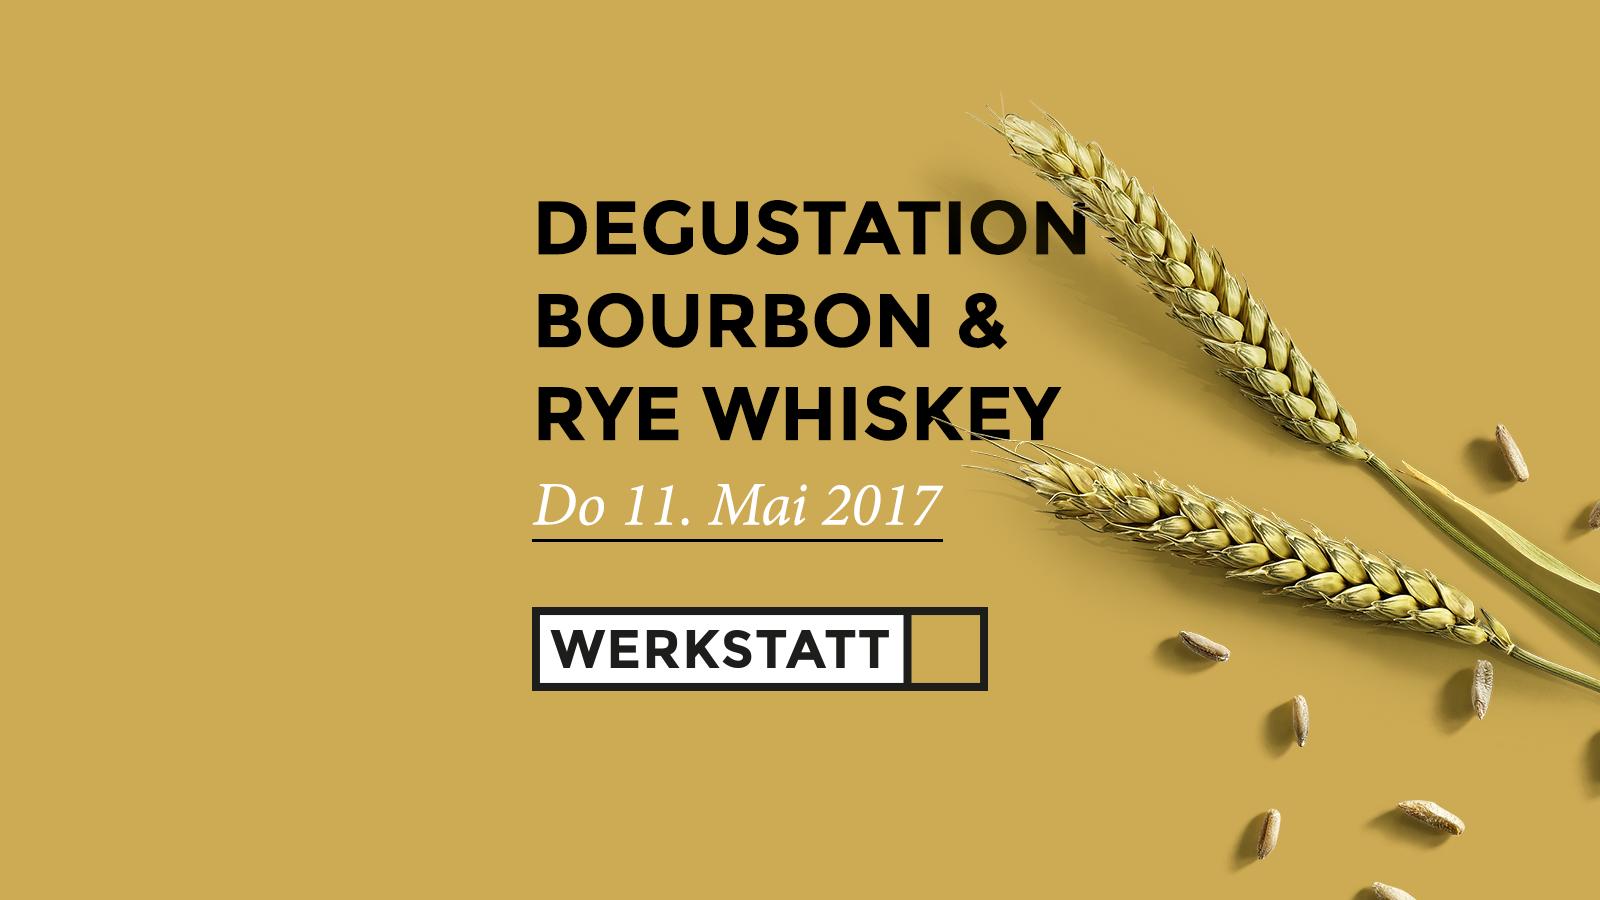 WhiskeyDegu_Veranstaltungsbild